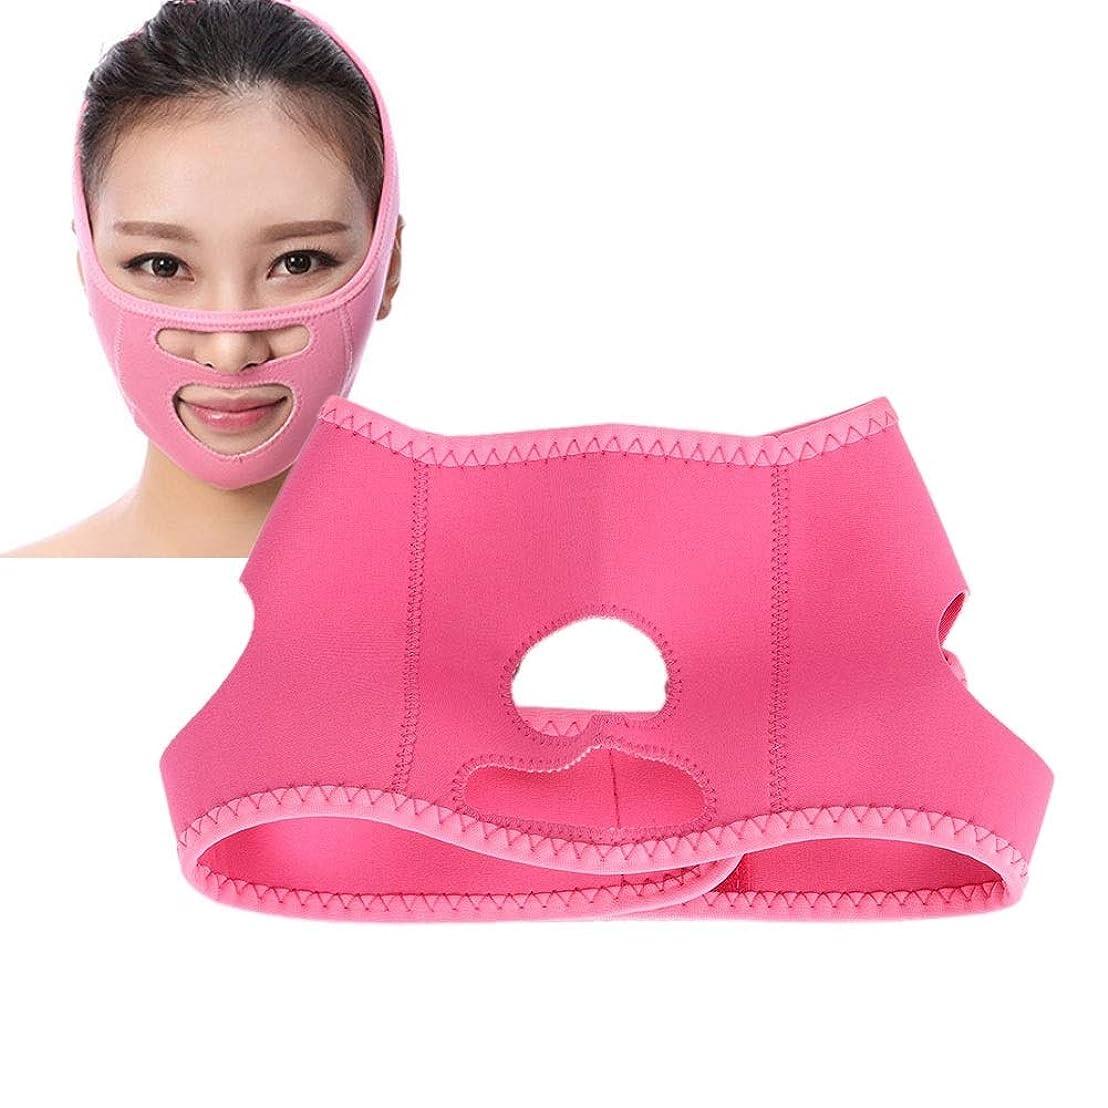 然とした悪意のある浸食フェイスマスク 低反発素材 通気 小顔 矯正 顔痩せ 筋肉弛緩 二重あご 補正ベルト